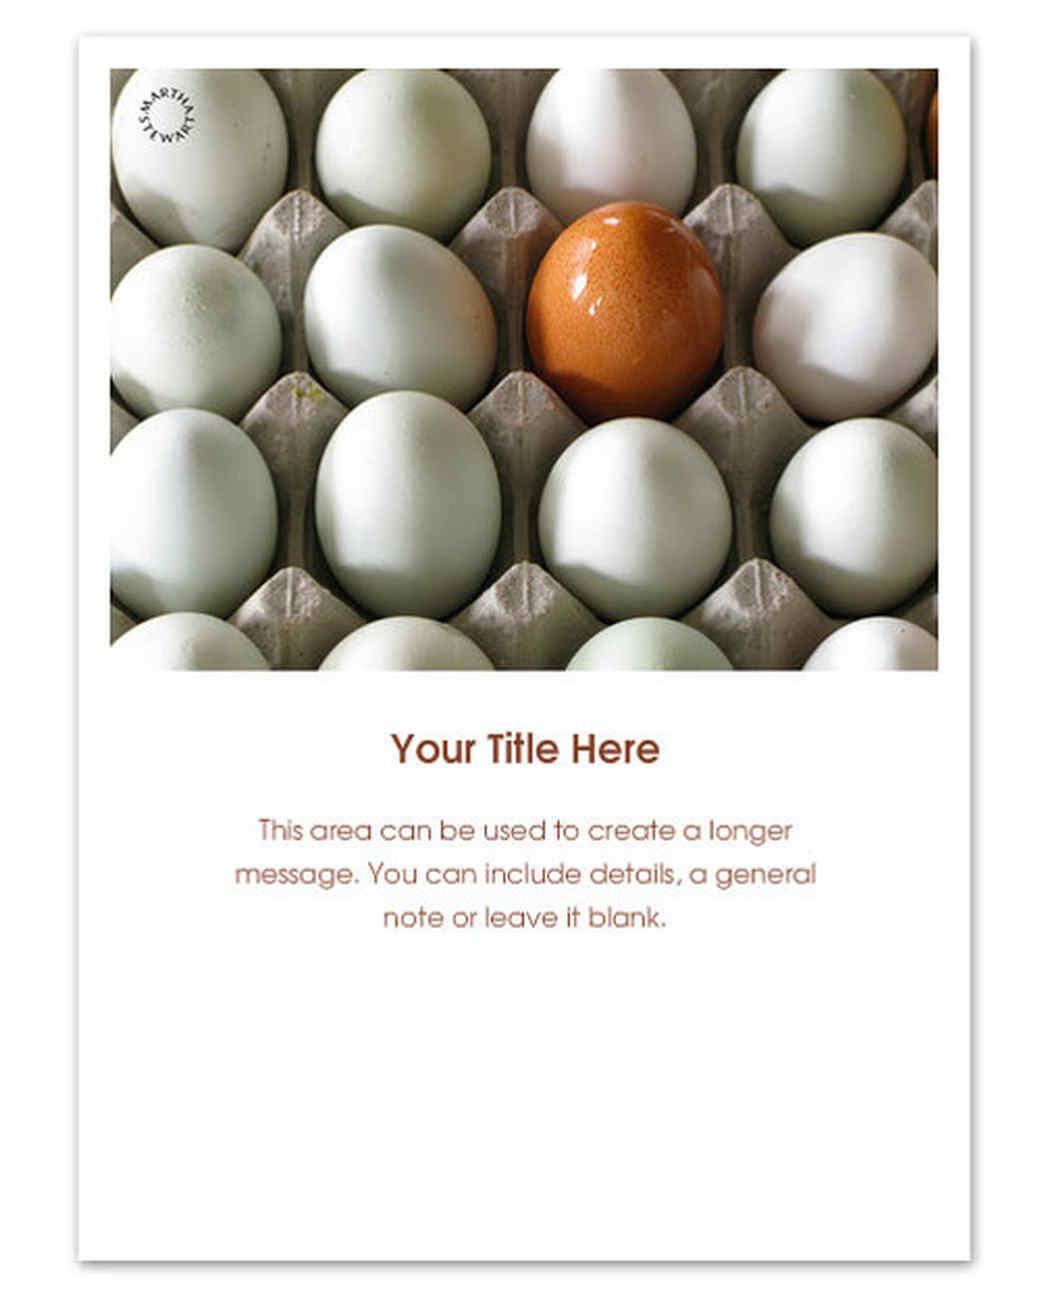 ping_dozens_eggs.jpg